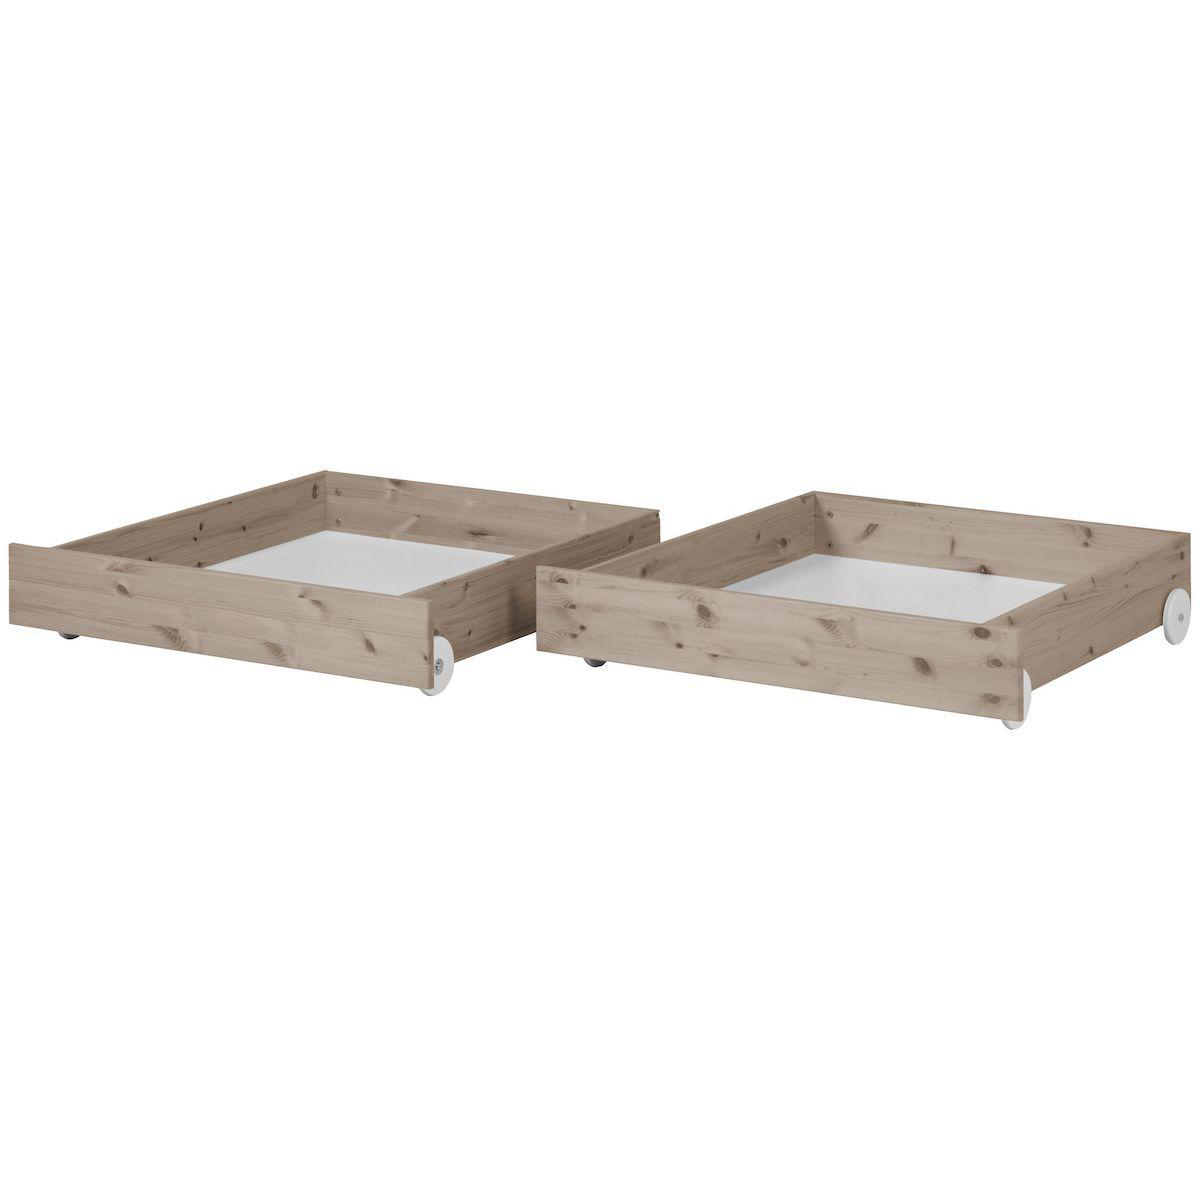 Schubladen 2 Stk. für Einzelbett 90x200cm CLASSIC by Flexa terra